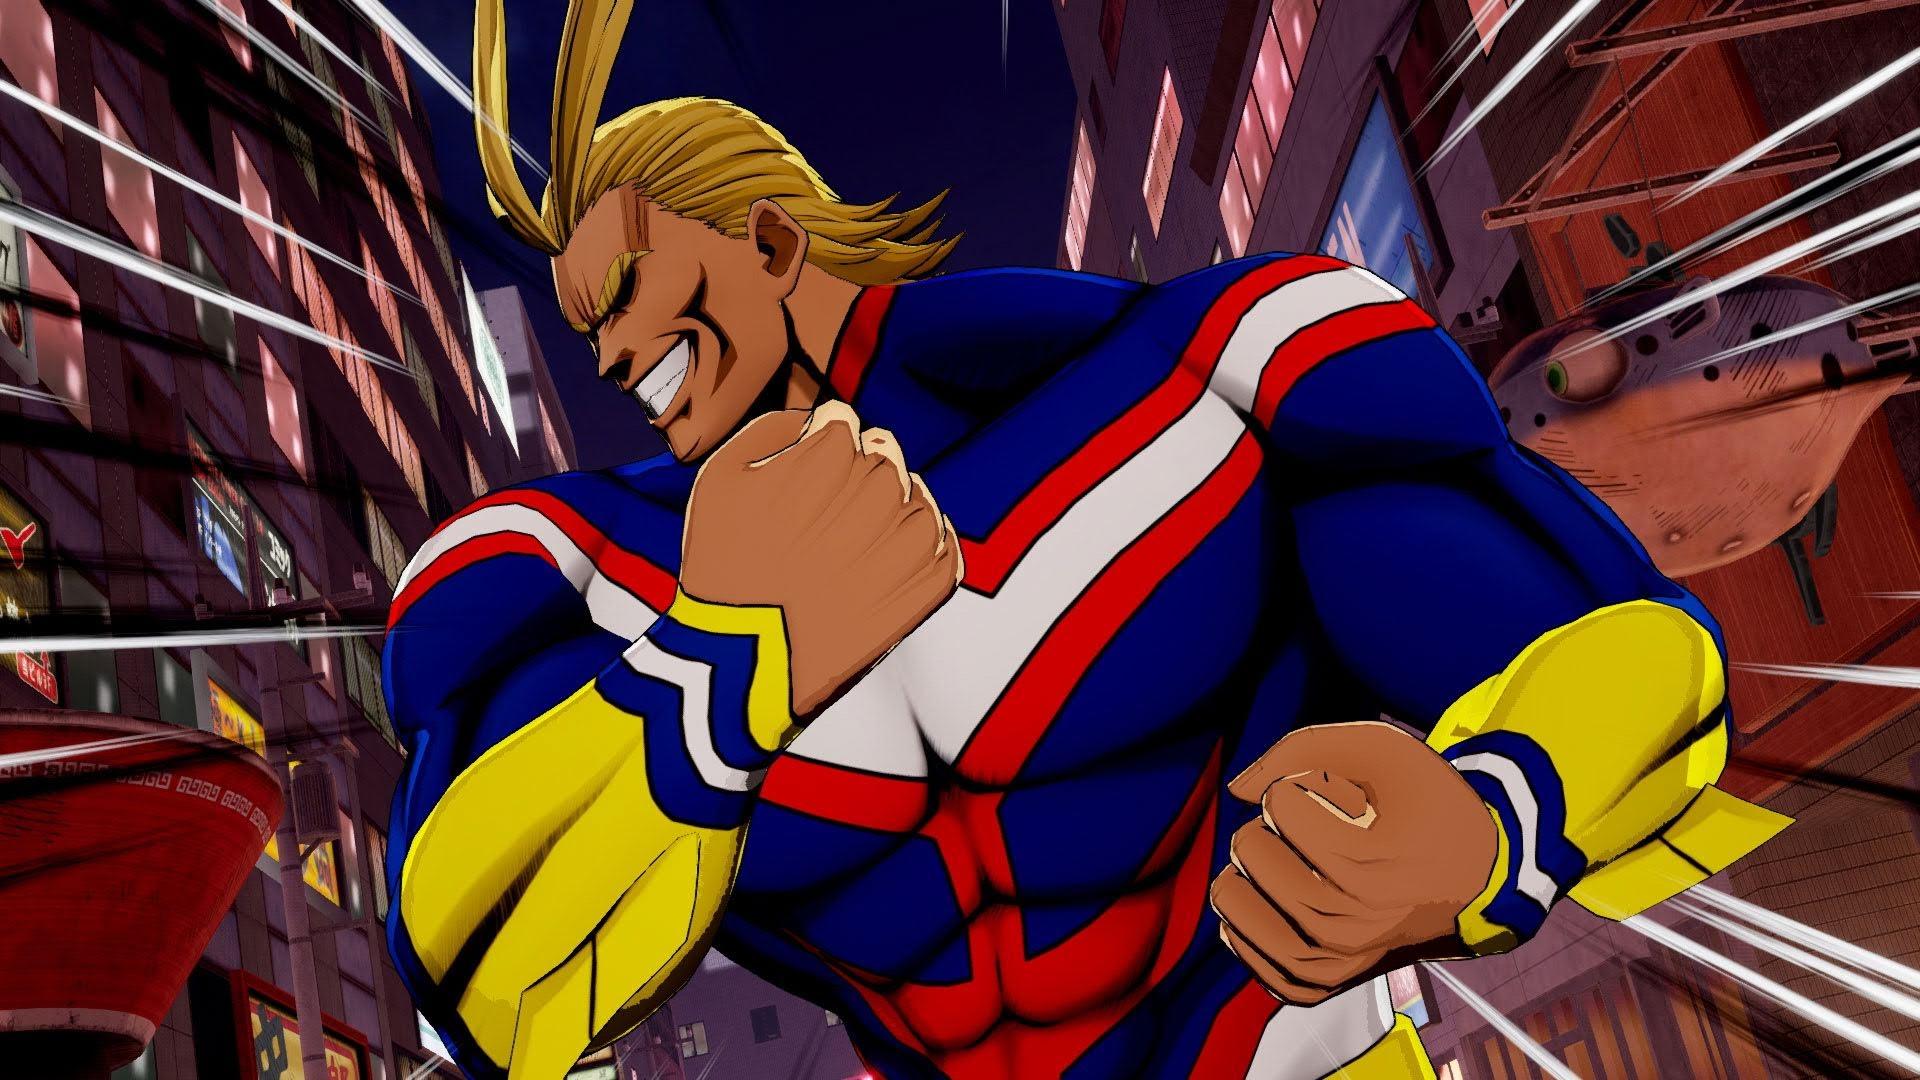 僕のヒーローアカデミア One S Justice 2 第1弾cmが公開 オール